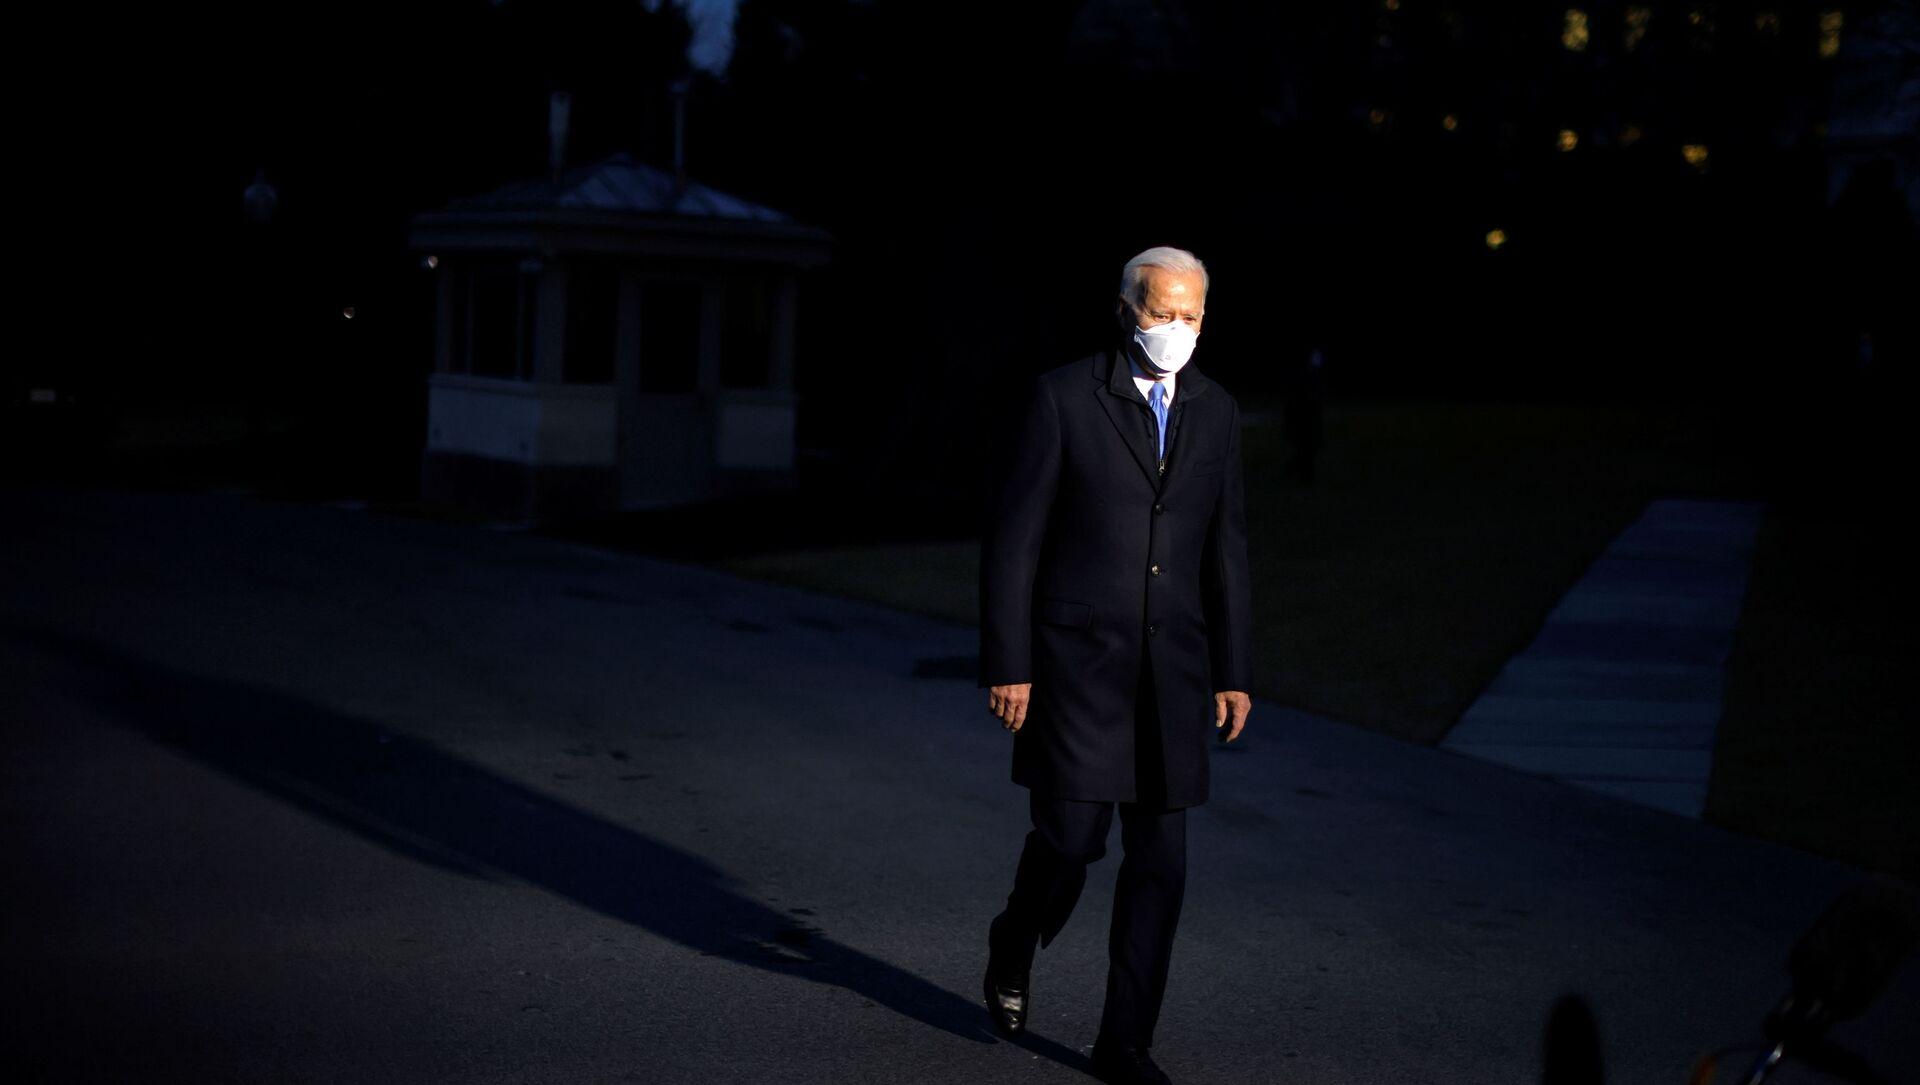 Dodici stati Usa fanno causa all'amministrazione Biden  per la legge sui gas serra - Sputnik Italia, 1920, 09.03.2021